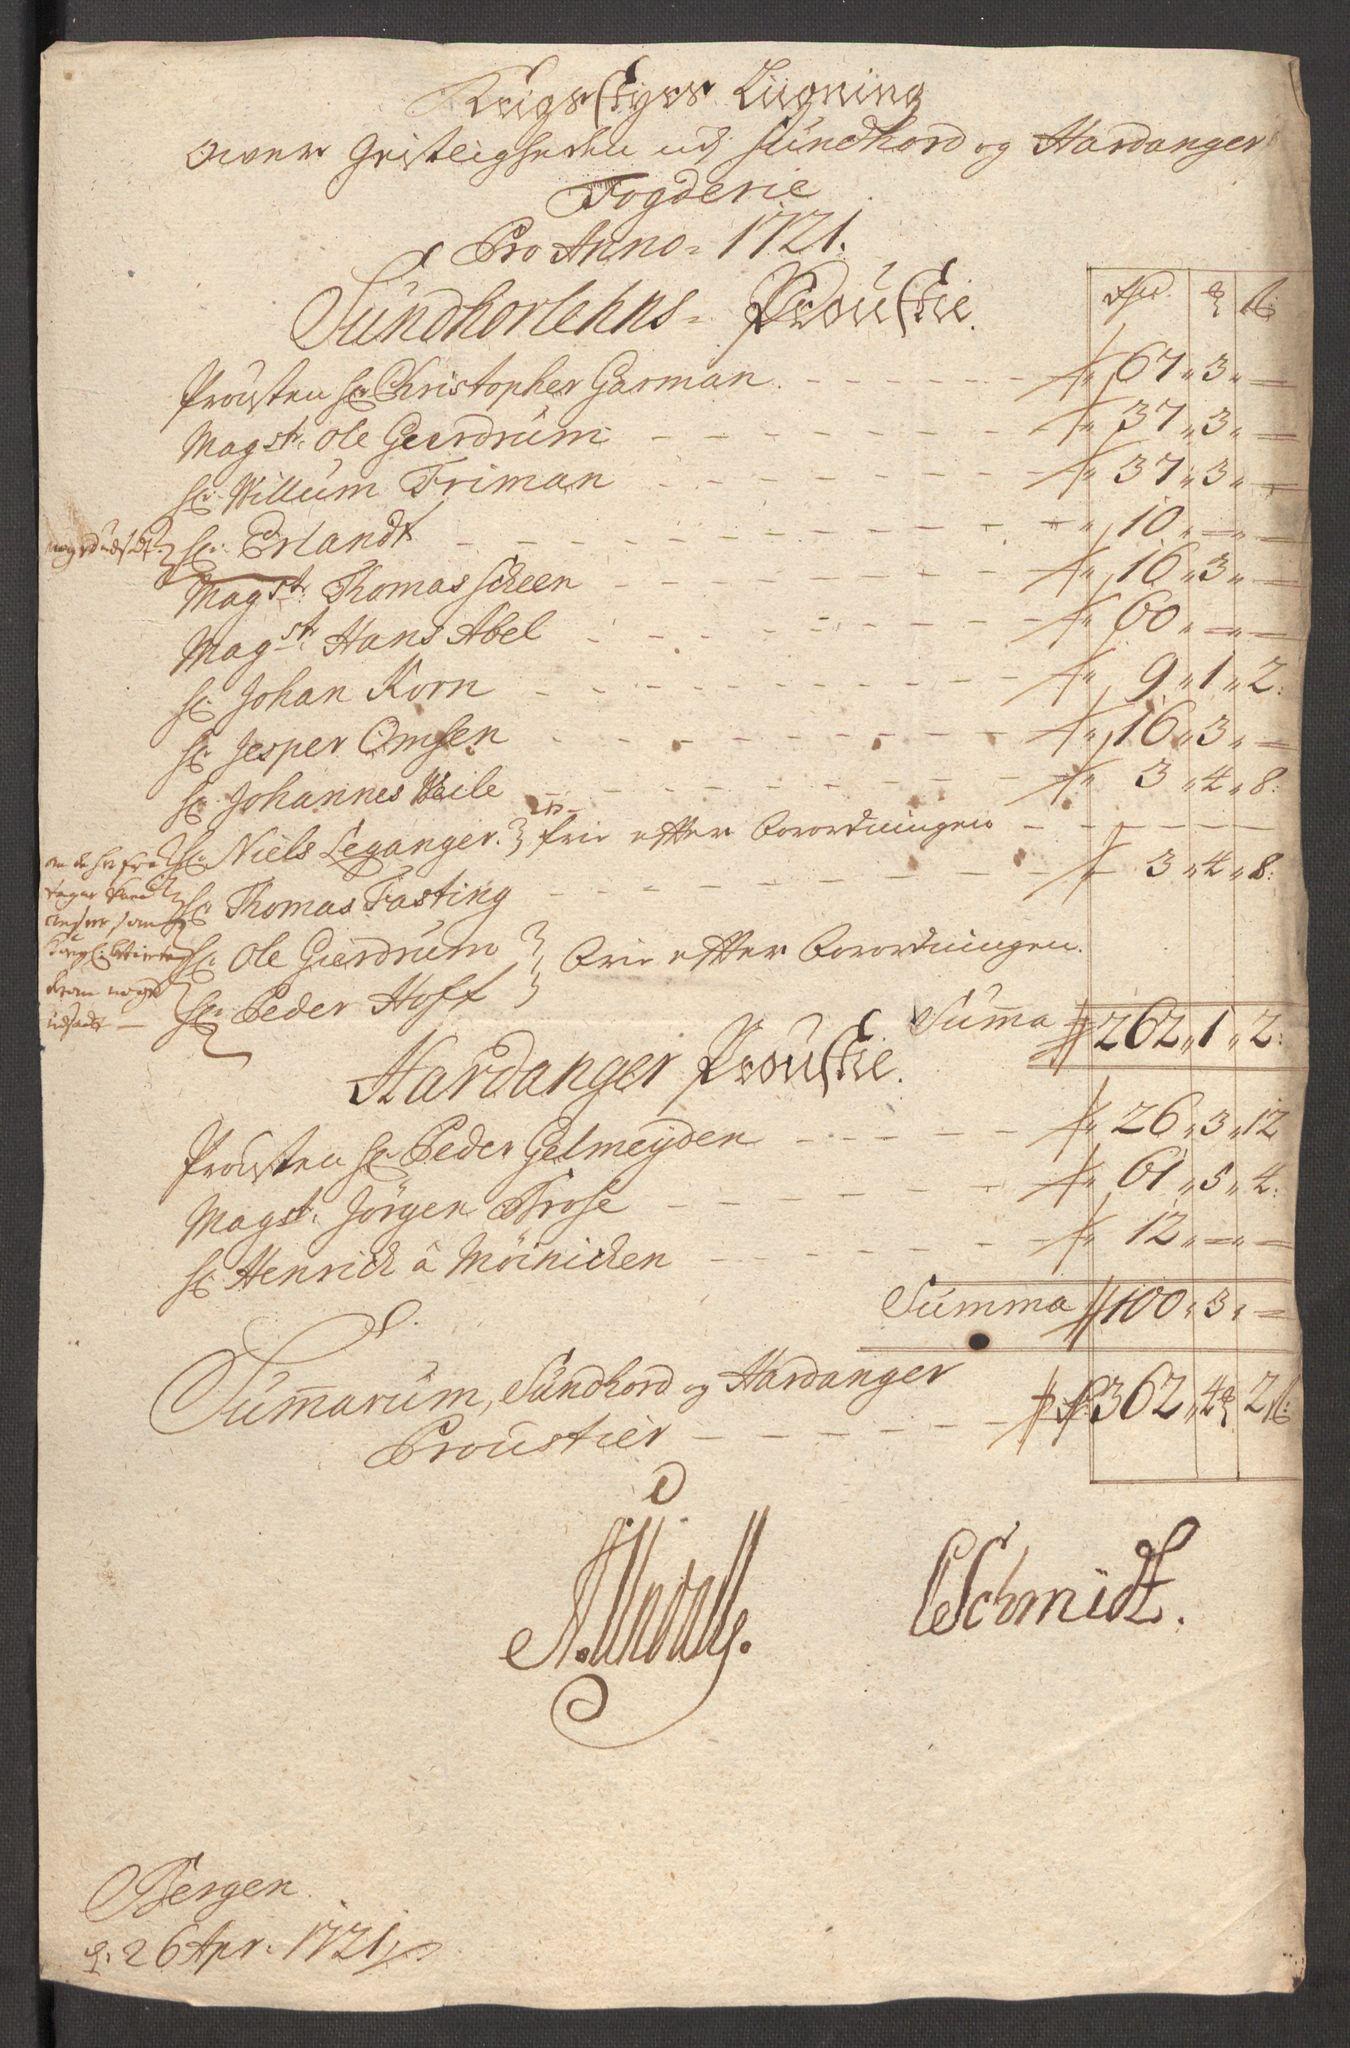 RA, Rentekammeret inntil 1814, Reviderte regnskaper, Fogderegnskap, R48/L3000: Fogderegnskap Sunnhordland og Hardanger, 1721, s. 96